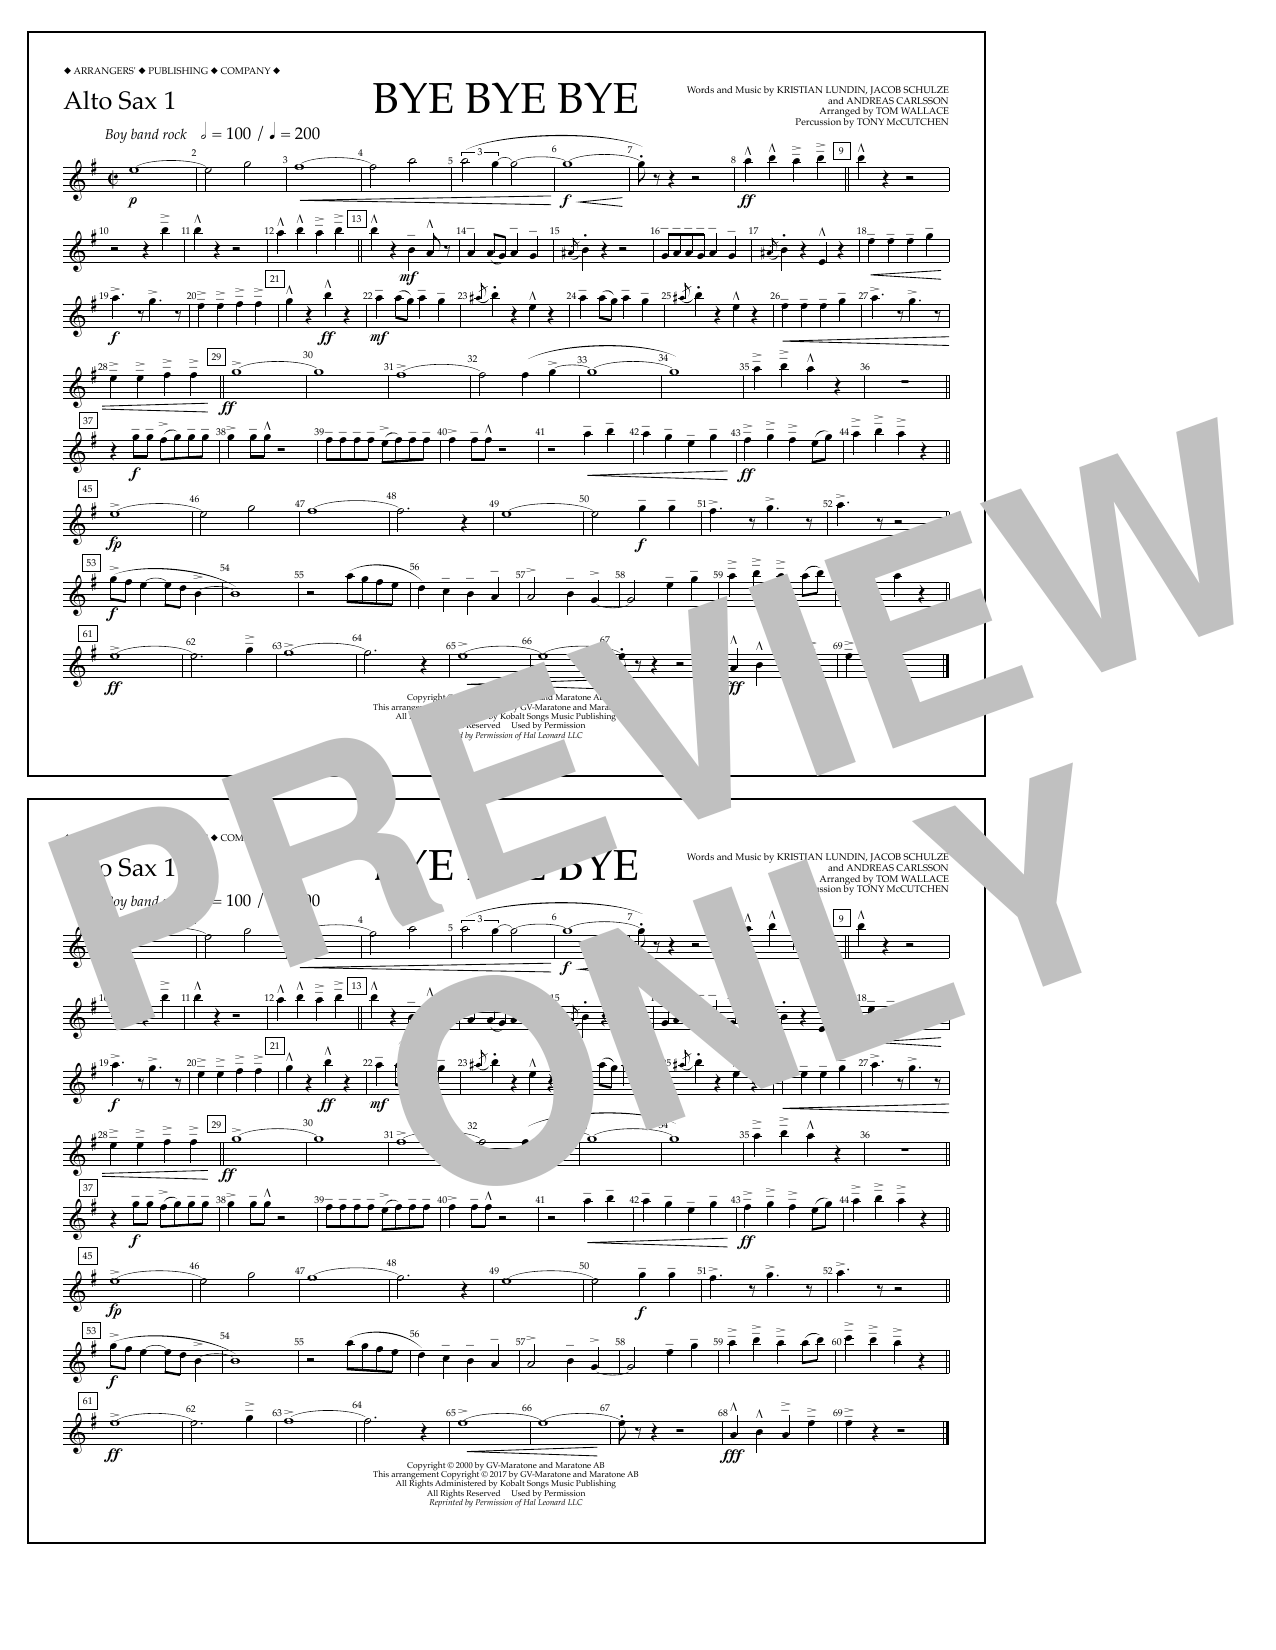 Bye Bye Bye - Alto Sax 1 Sheet Music